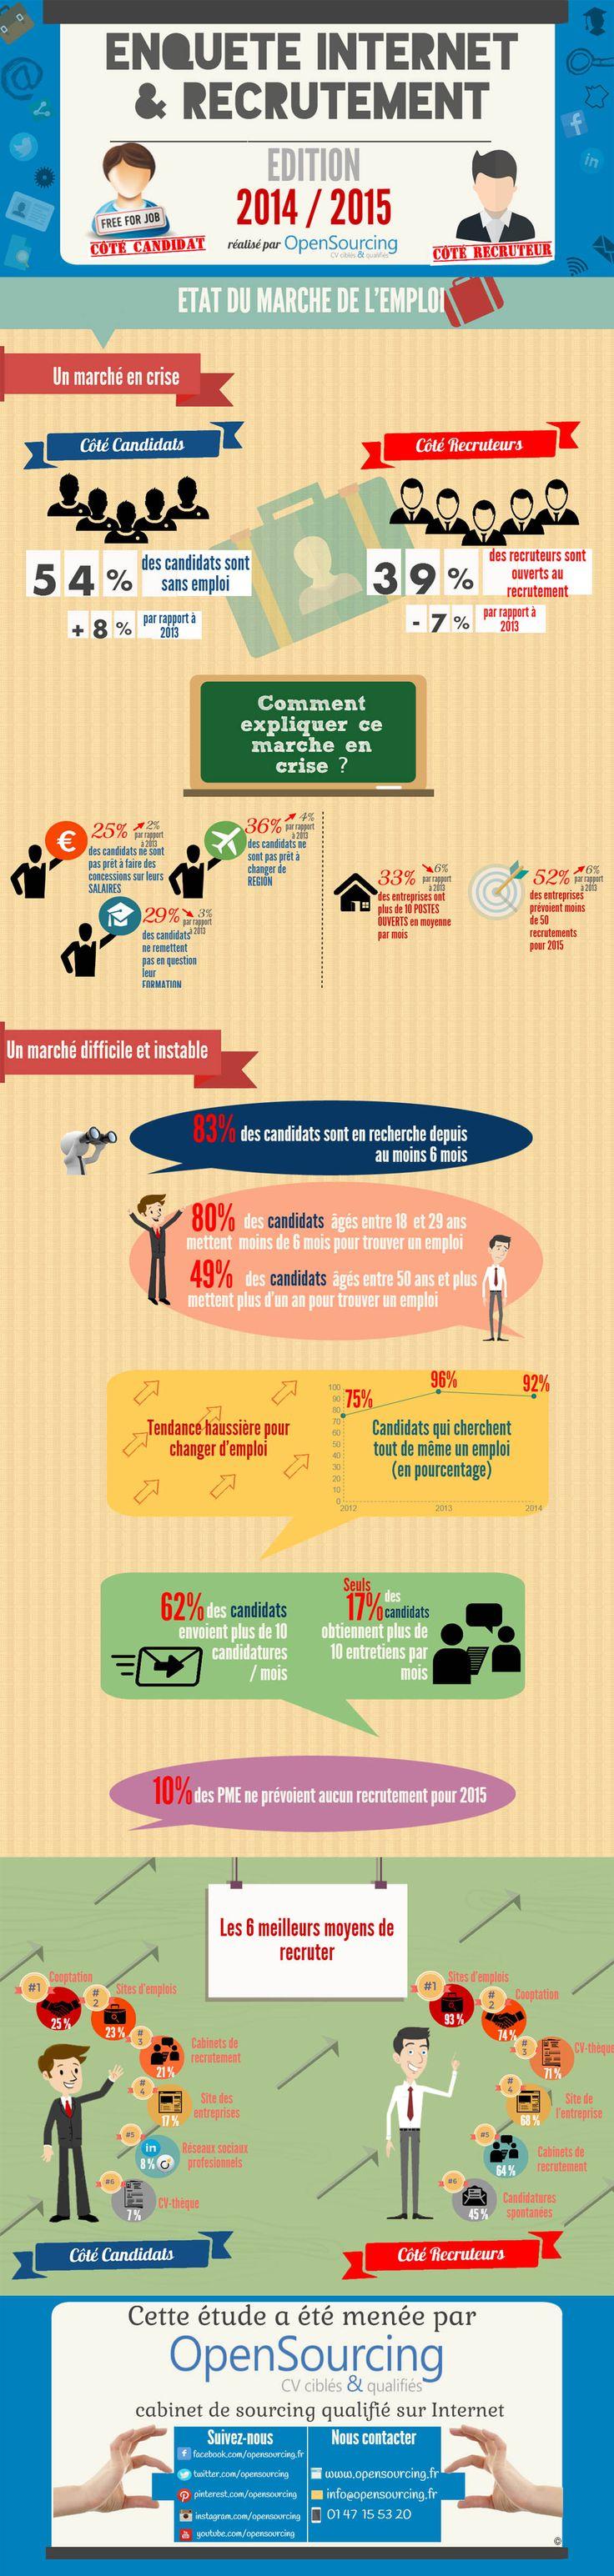 Les résultats de l'enquête Internet & Recrutement Edition 2014 / 2015 - Partie 1 : Etat du marché de l'emploi. - Pour en savoir plus, cliquez sur l'infographie ou sur le lien suivant : http://www.opensourcing.fr/blogs/4/q6ni9d-etude-internet-&-recrutement-2015